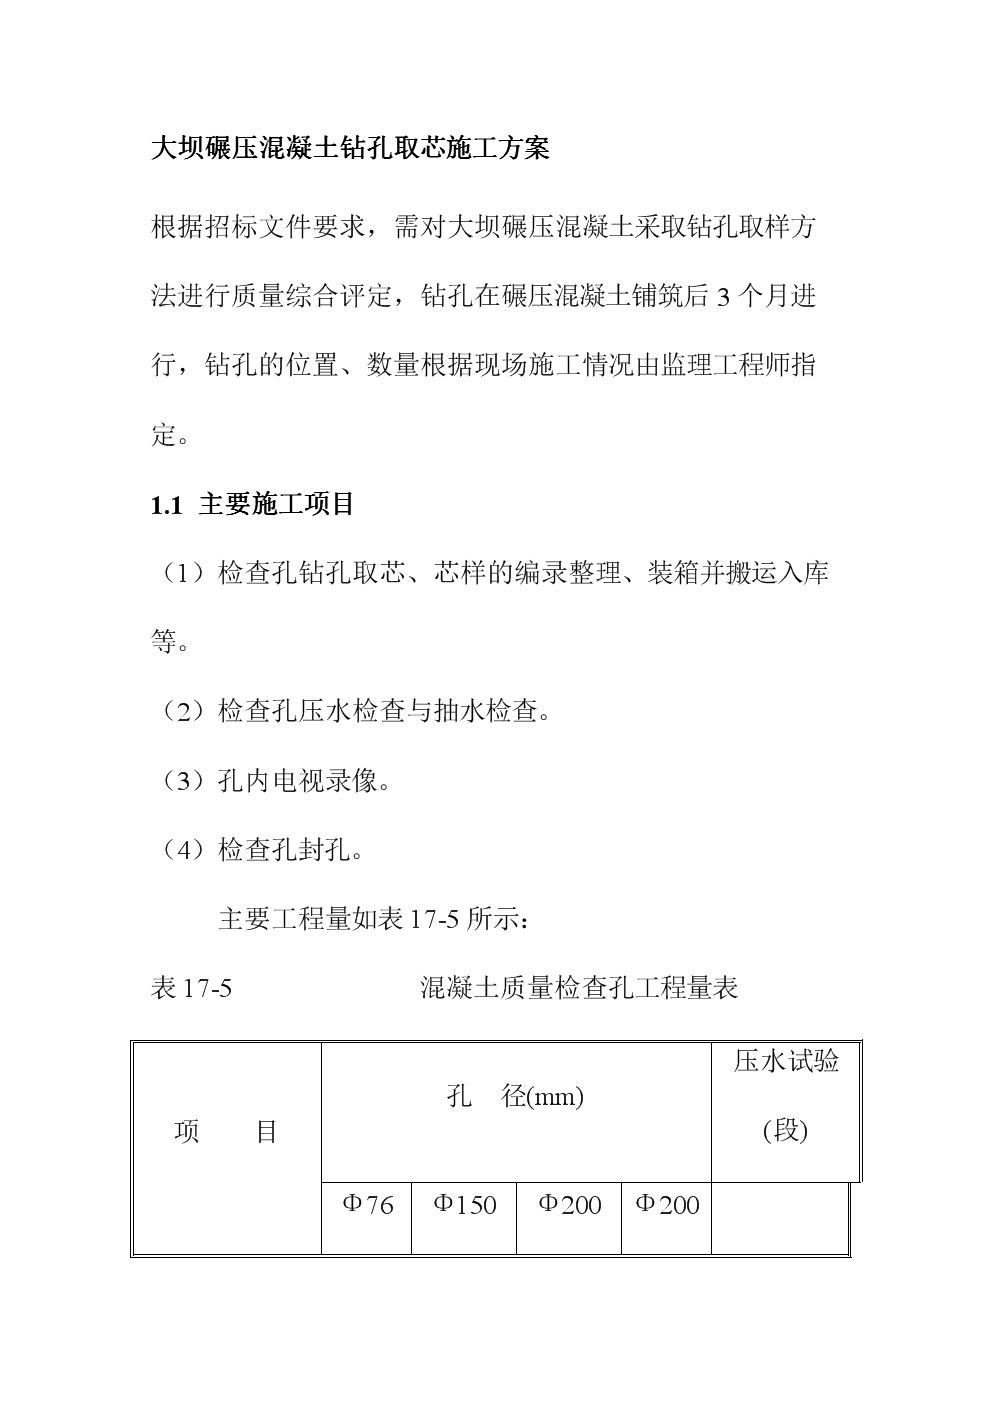 大坝碾压混凝土钻孔取芯施工方案.doc